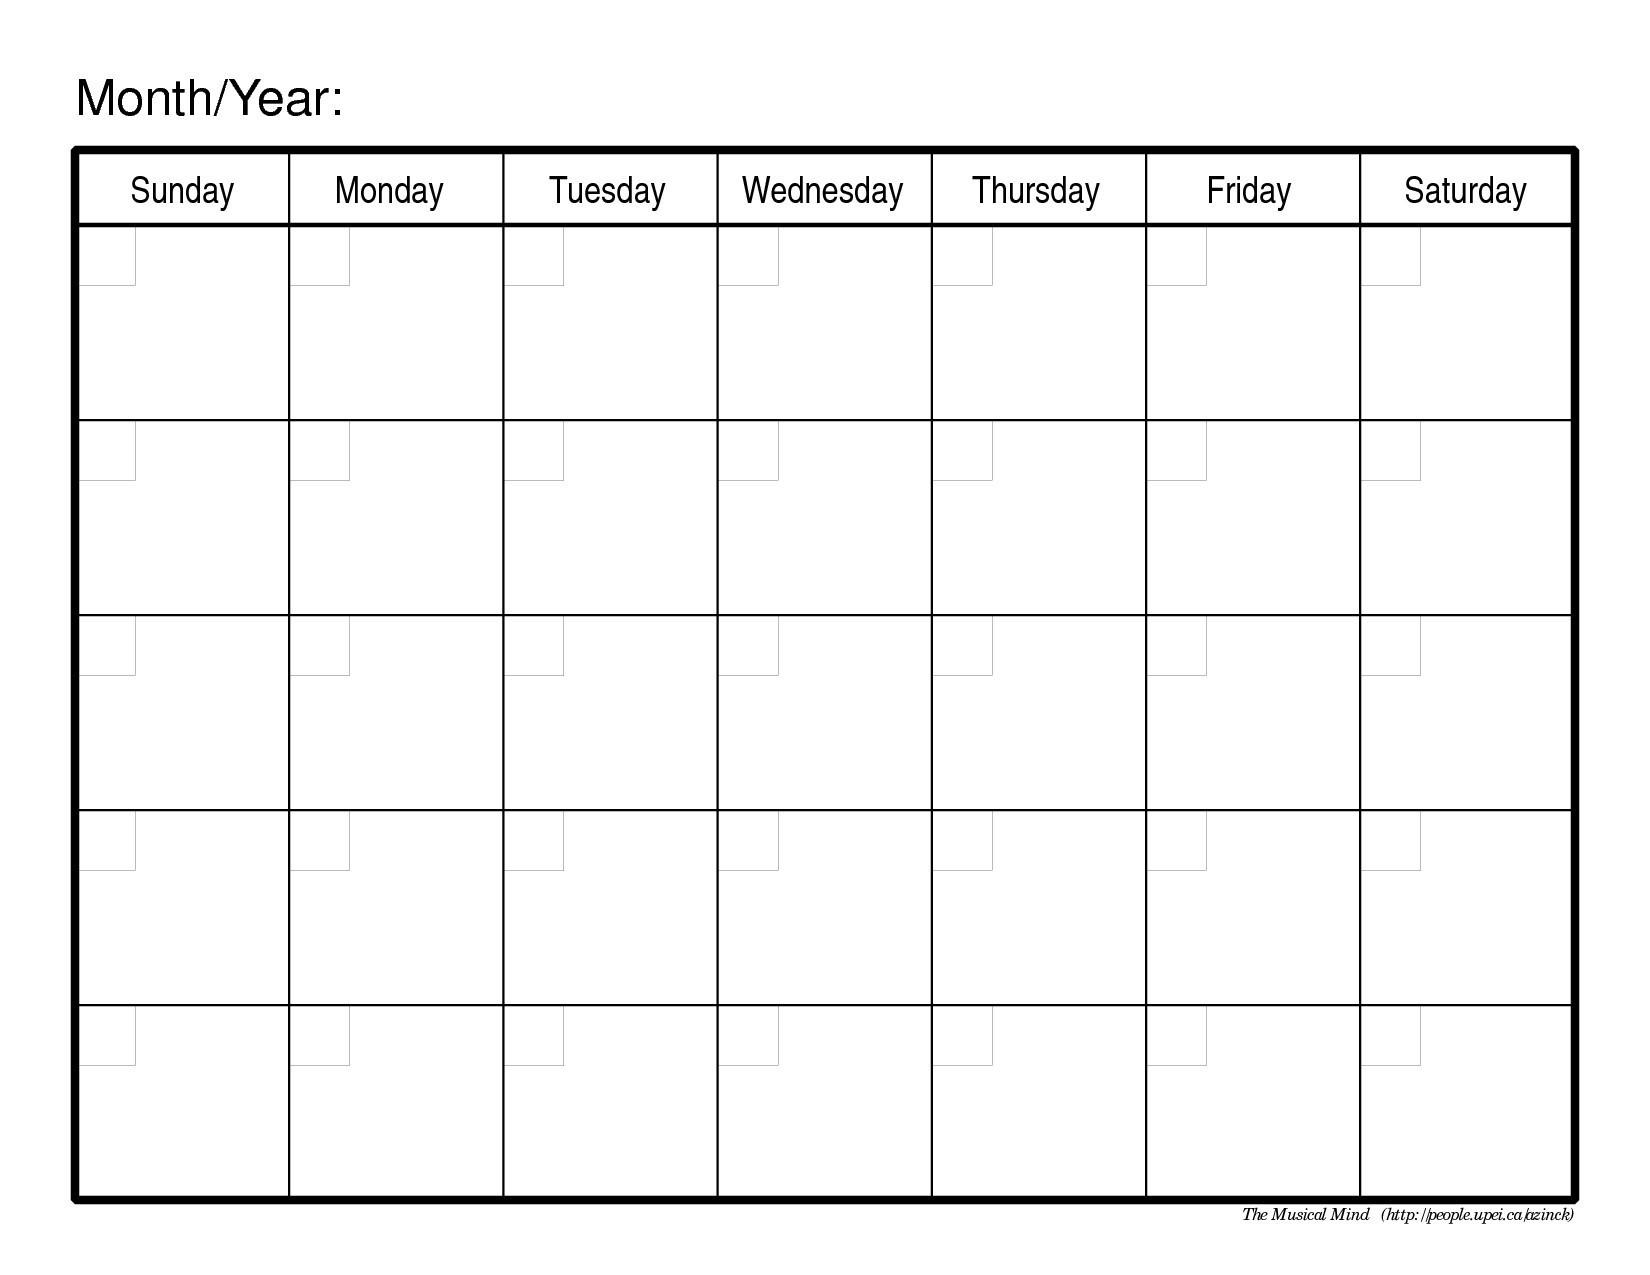 Calendario De Feriados 2017 Para Imprimir Más Recientemente Liberado Informaci³n Make A 2019 Calendar In Excel Of Calendario De Feriados 2017 Para Imprimir Más Arriba-a-fecha Best Calendario Del Mes De Enero 2017 Para Imprimir Image Collection